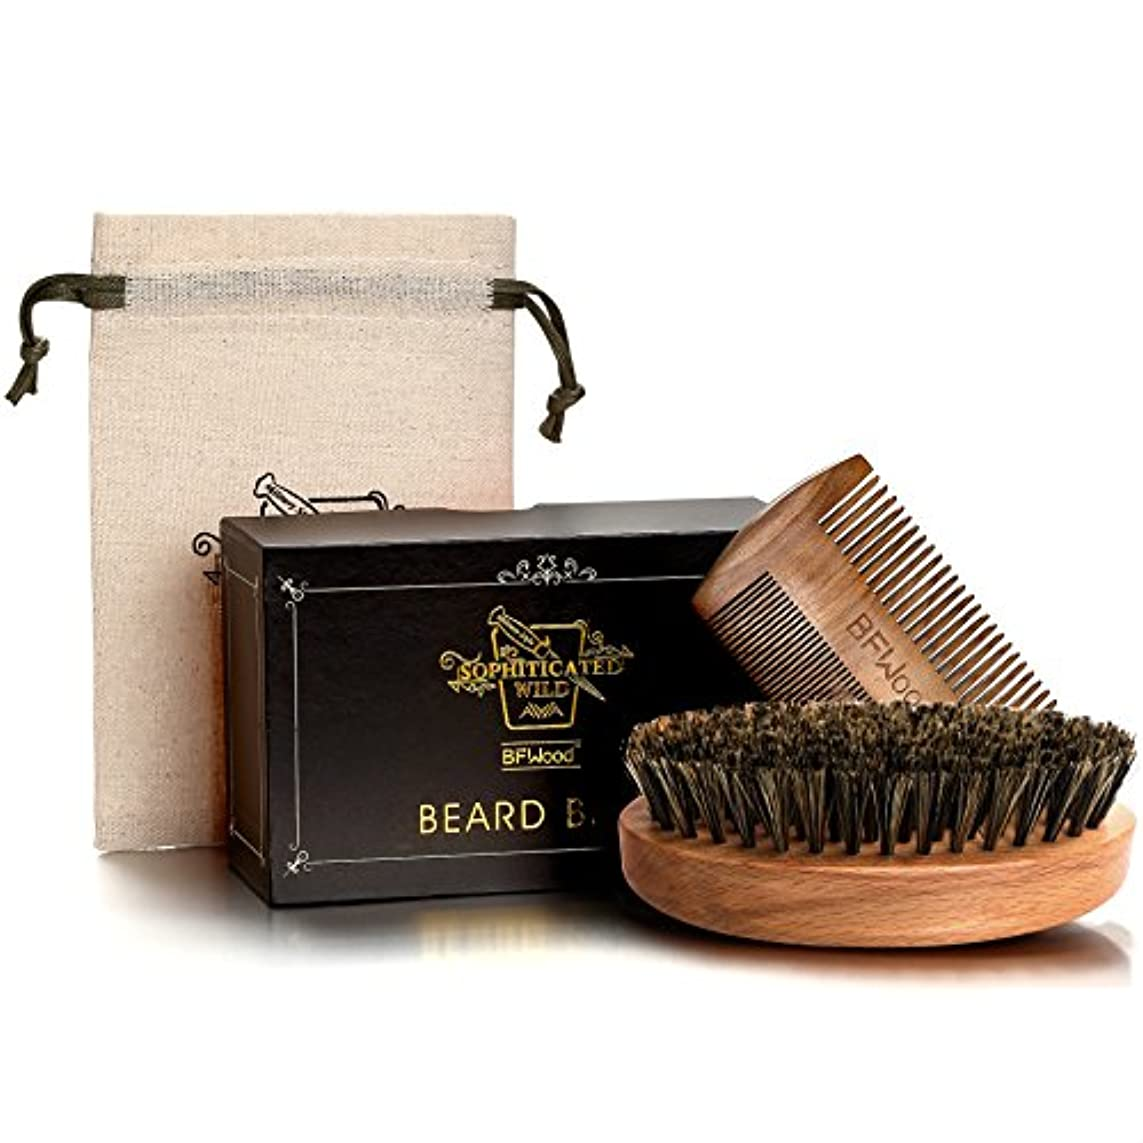 小さい幸運なことに評価BFWood Beard Brush Set 豚毛髭ブラシと木製コム アメリカミリタリースタイル (ブラシとコムセット)